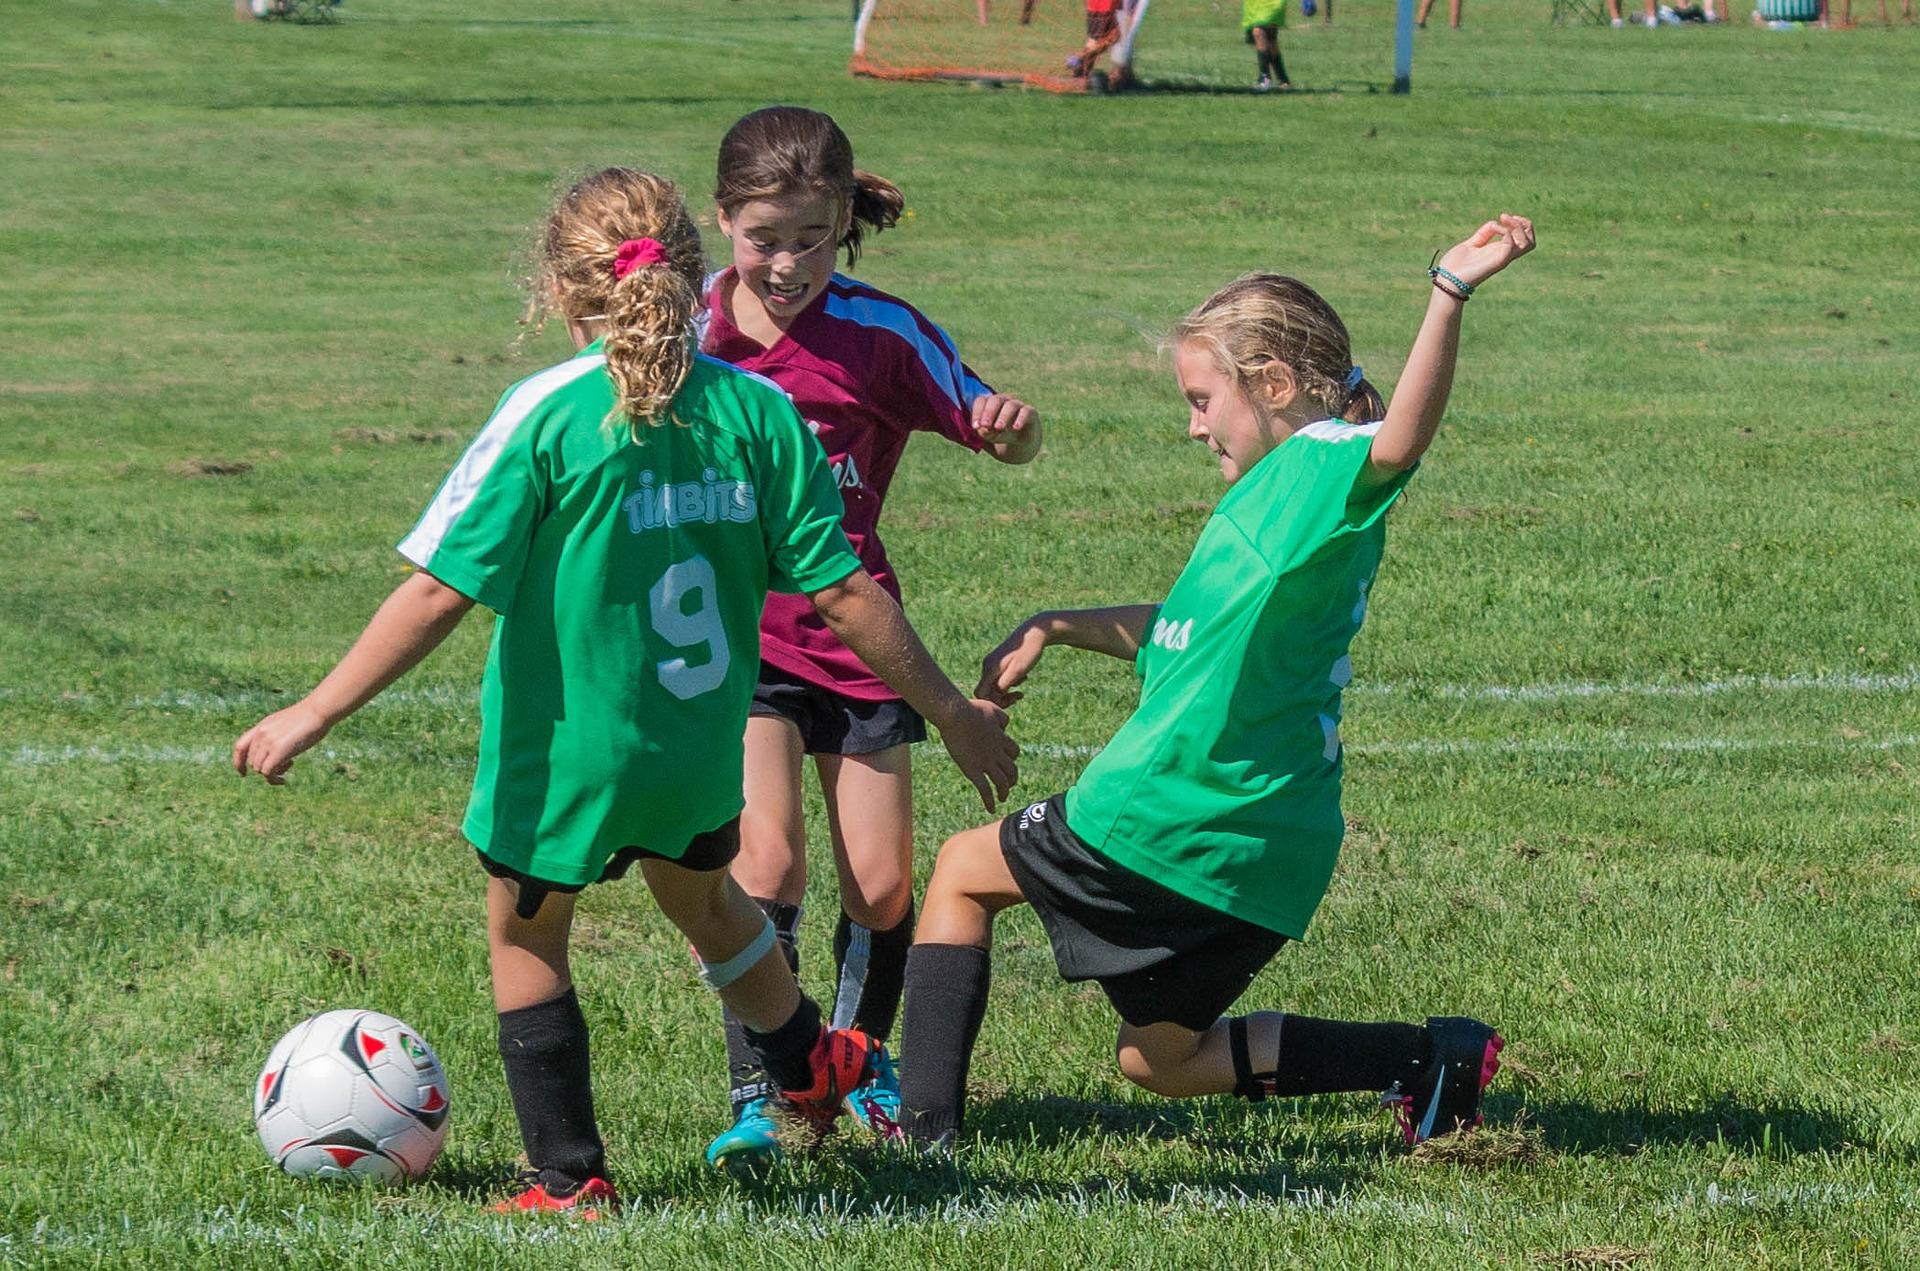 soccer-2093960_1920.jpg